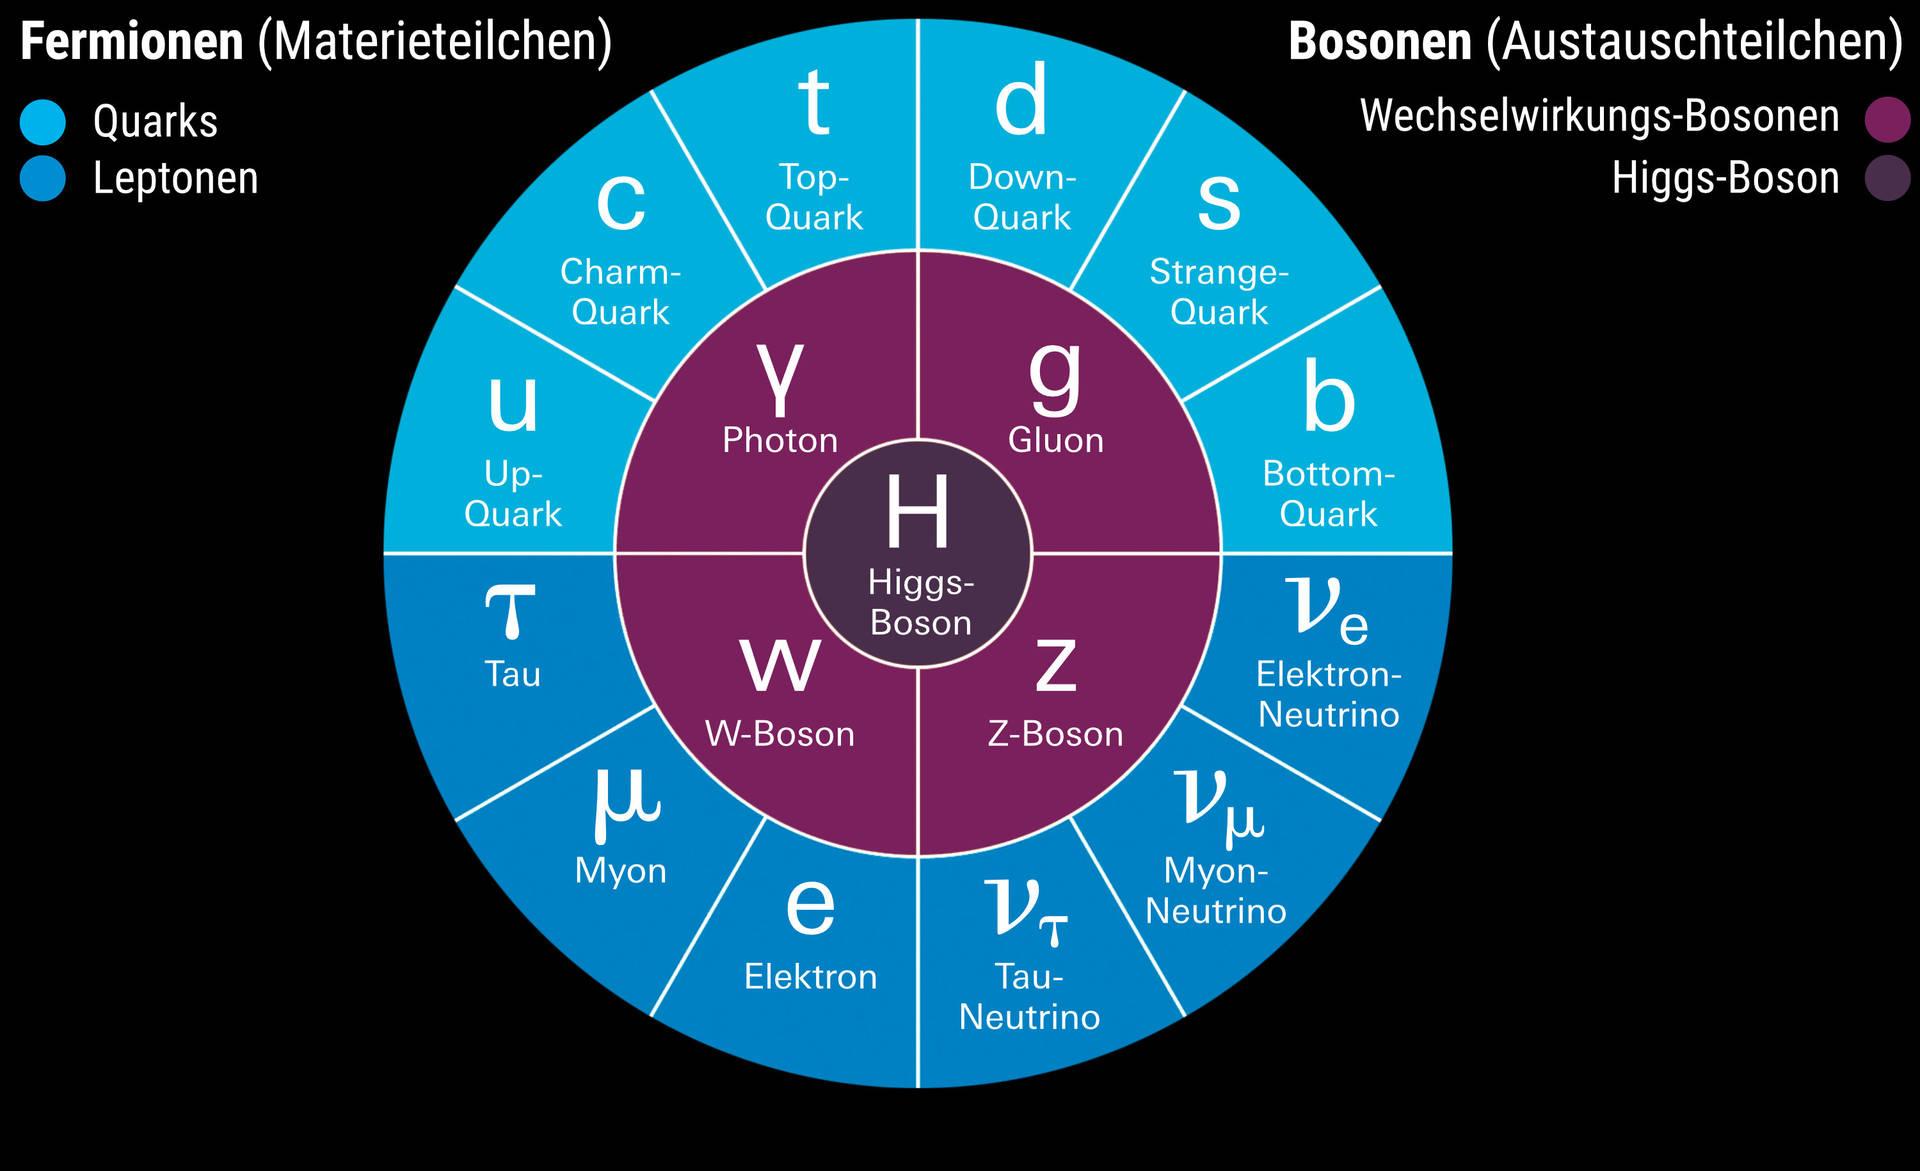 Das »Standardmodell« der Teilchenphysik beschreibt alle bekannten Elementarteilchen: Materieteilchen (Fermionen), Austauschteilchen (Bosonen) und das Higgs-Teilchen, das die Masse der anderen erklärt.